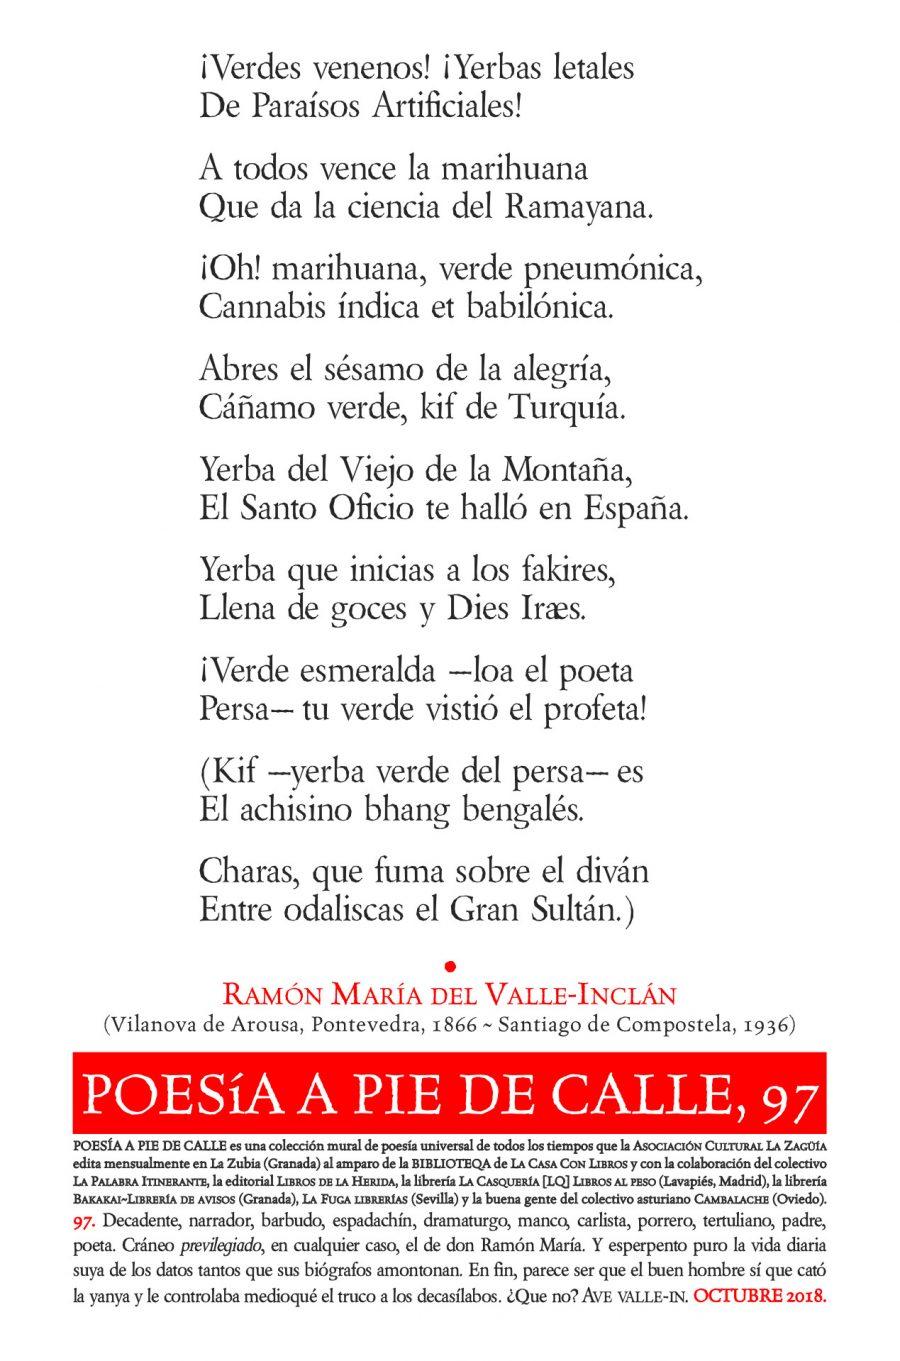 POESÍA A PIE DE CALLE, 97: «¡VERDES VENENOS! ¡YERBAS LETALES…», DE RAMÓN MARÍA DEL VALLE-INCLÁN